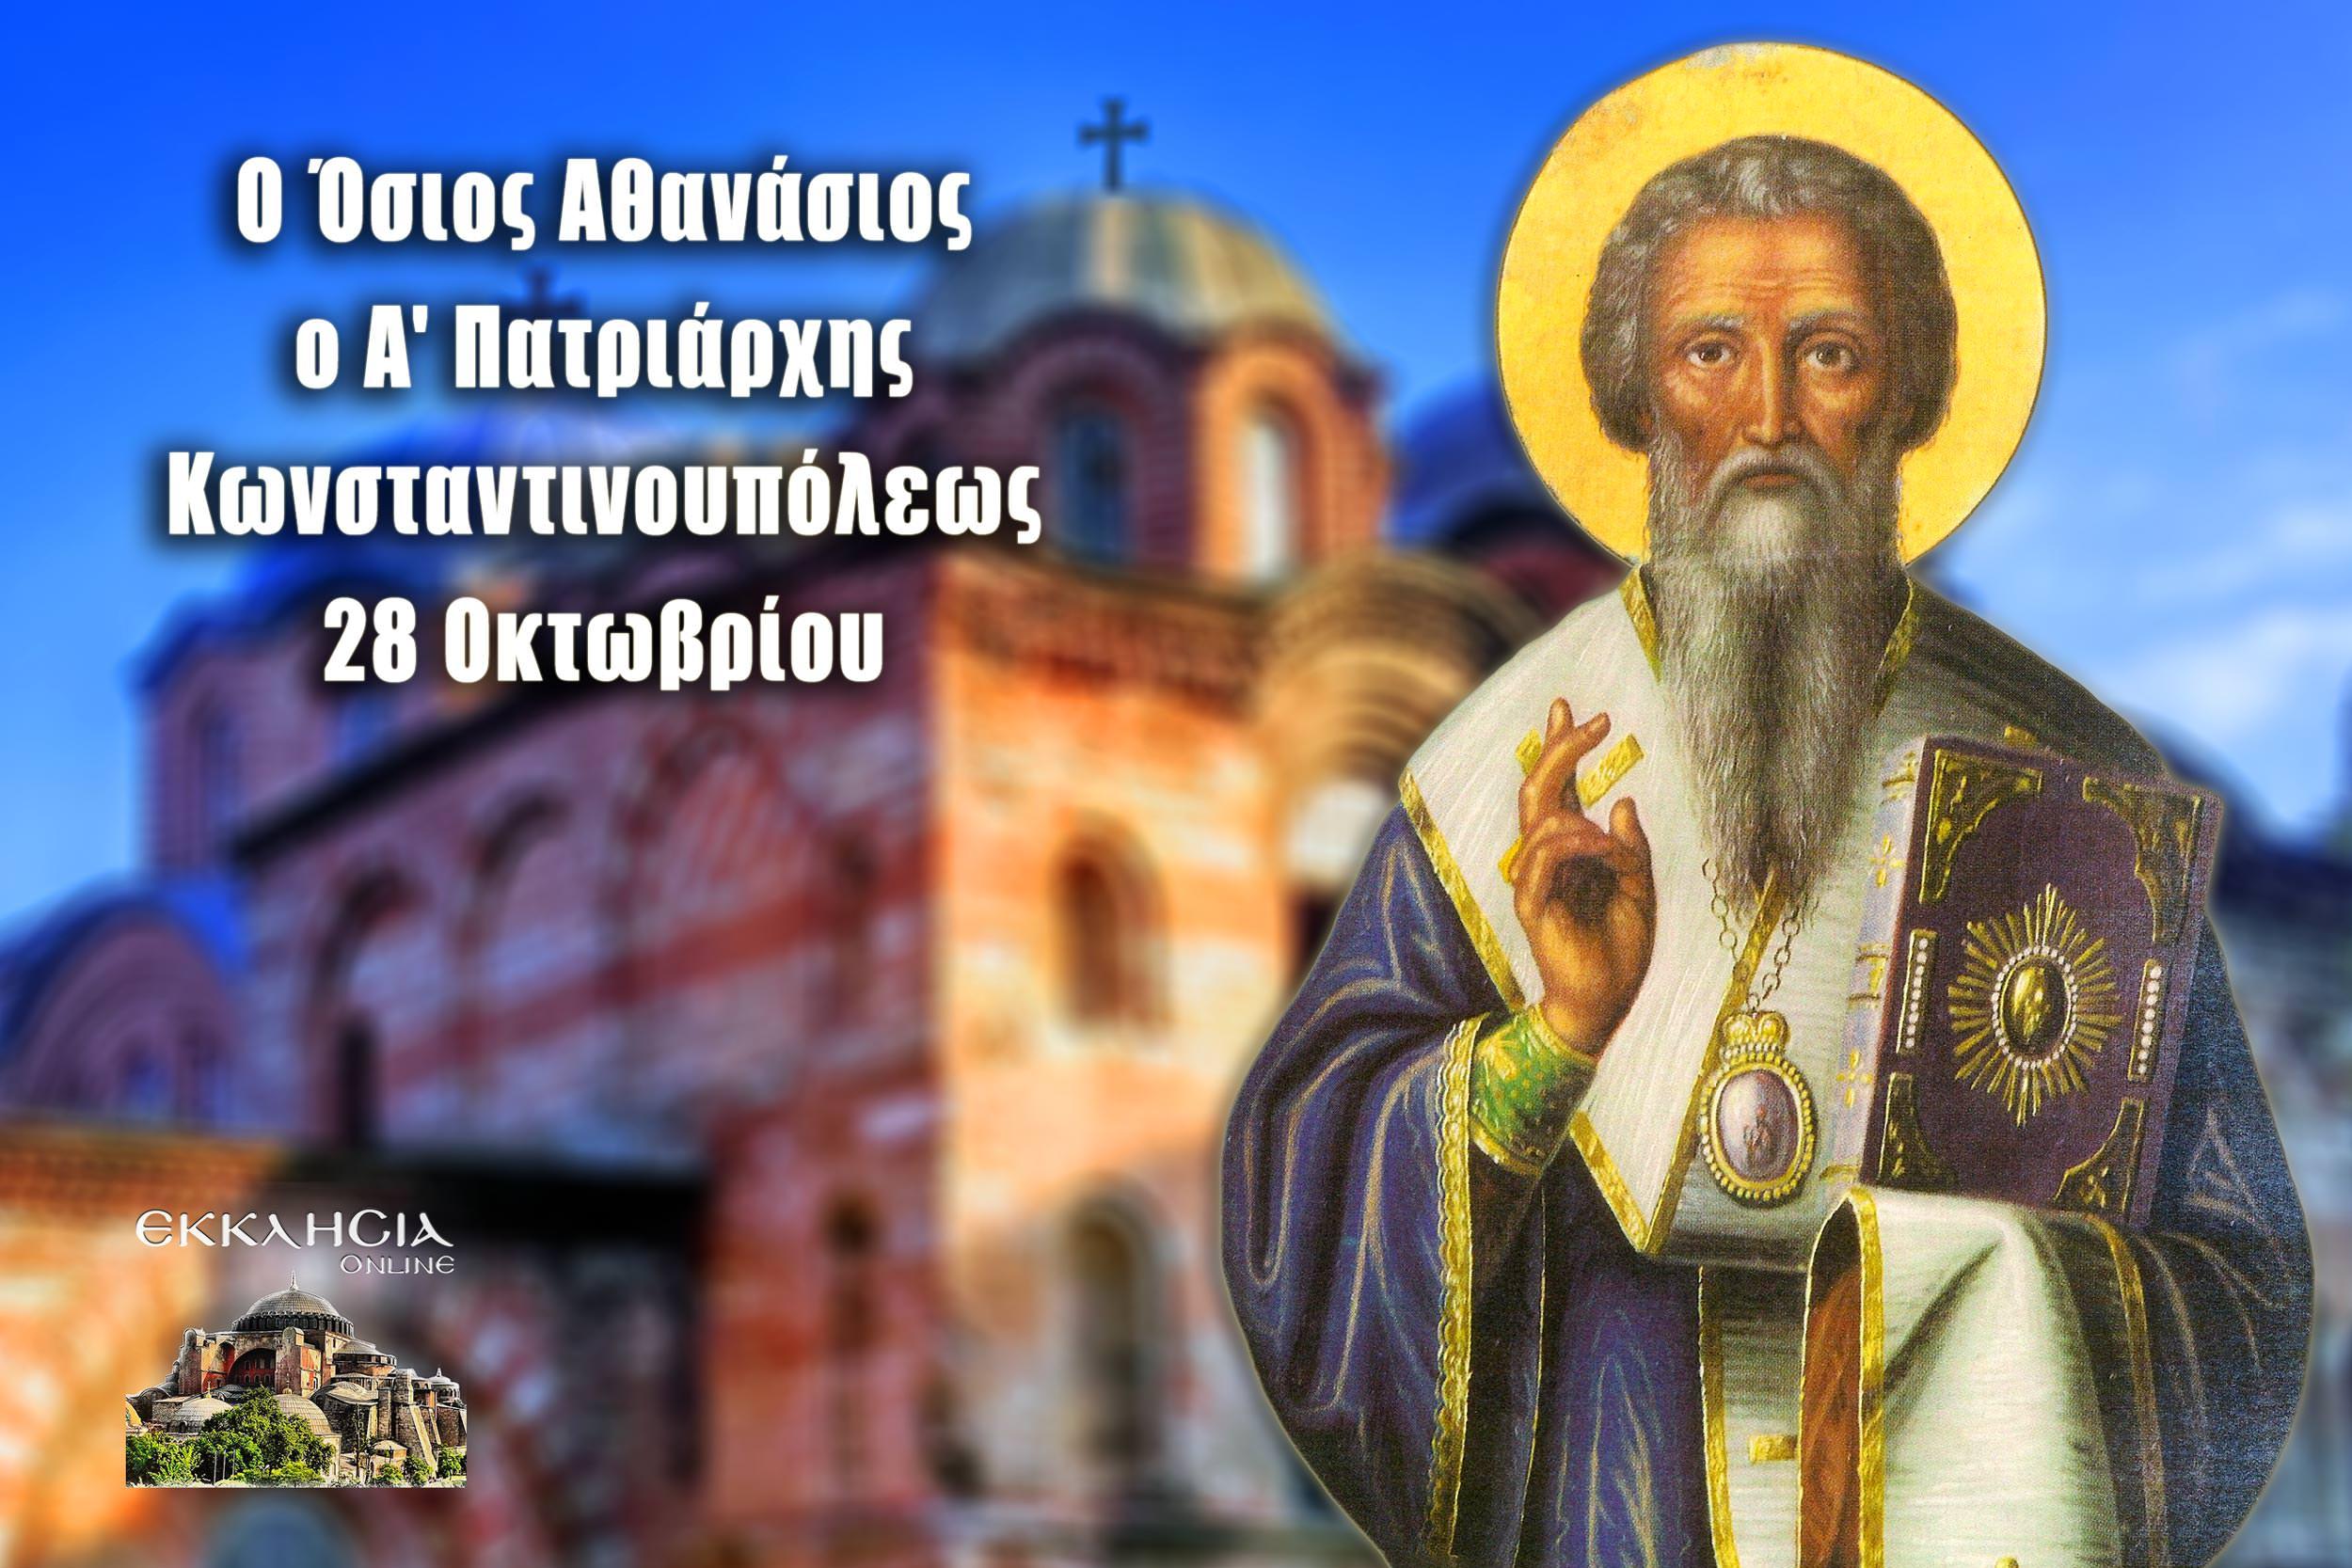 Όσιος Αθανάσιος Α' Πατριάρχης Κωνσταντινούπολης 28 Οκτωβρίου